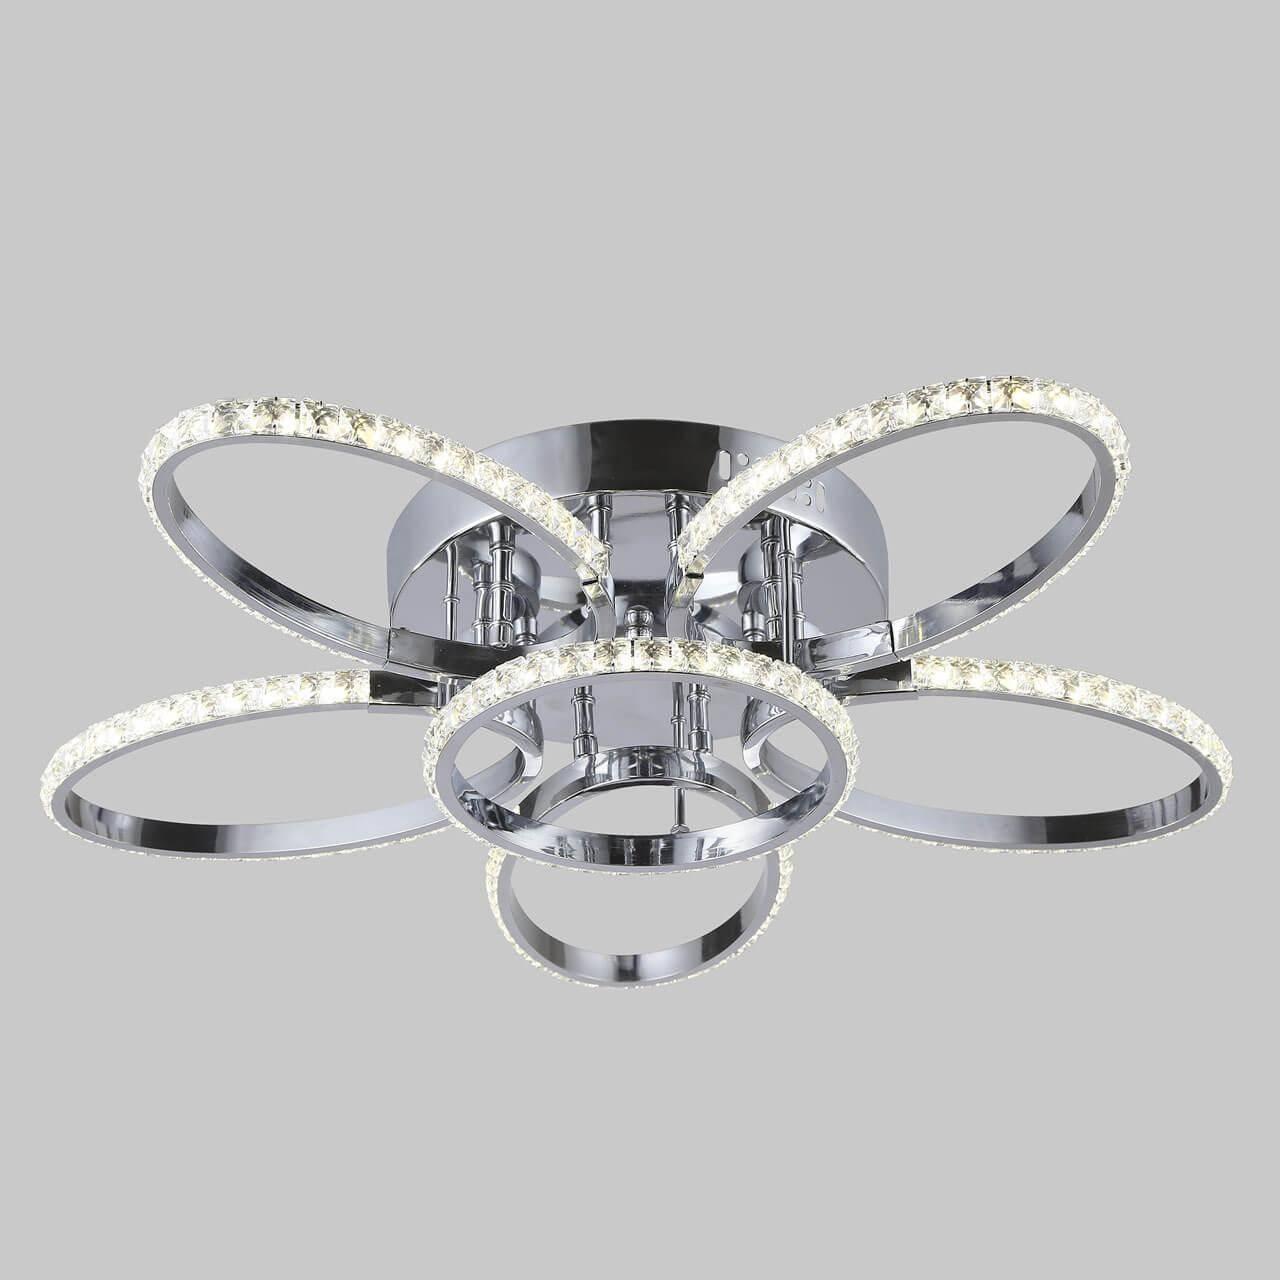 Потолочная светодиодная люстра Eurosvet Soul 90098/6 хром